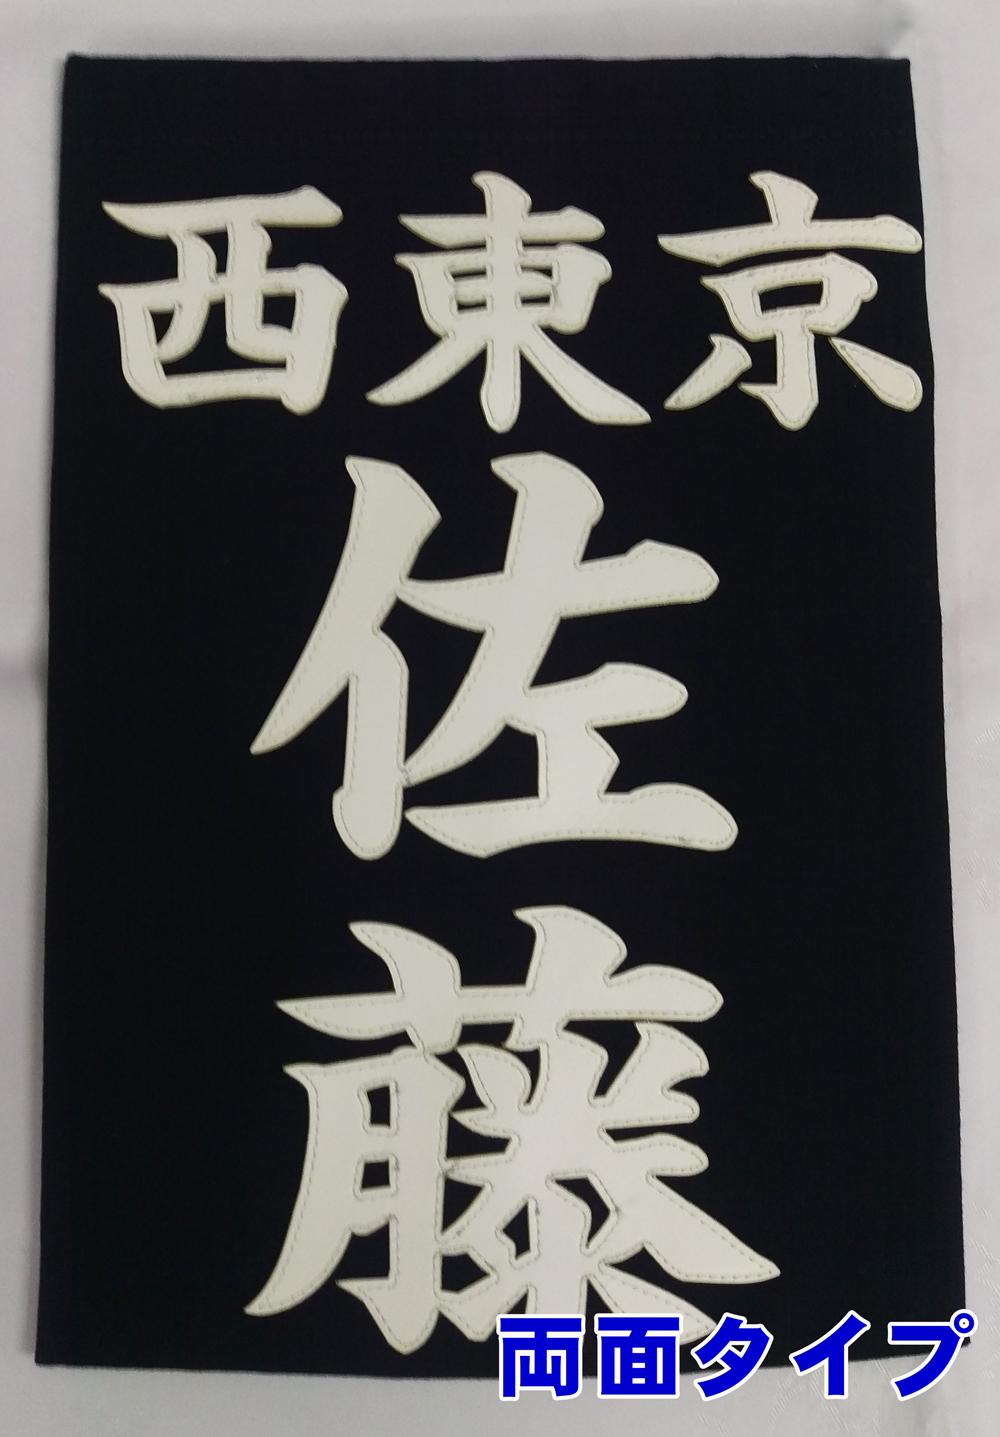 垂ゼッケン 楷書体 クラリーノ製 両面タイプ